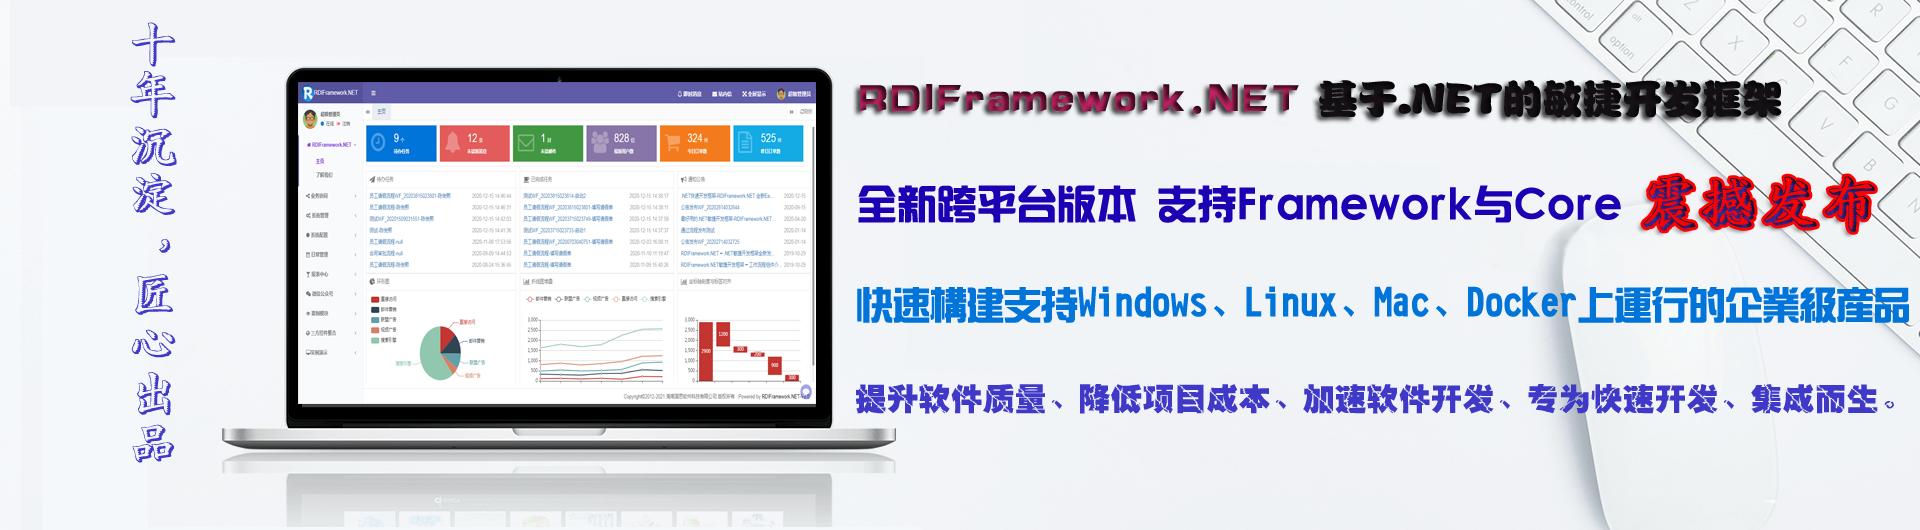 全新跨平台版本.NET敏捷开发框架-RDIFramework.NET5.0震撼发布-最好用的.NET开发框架 100%源码授权